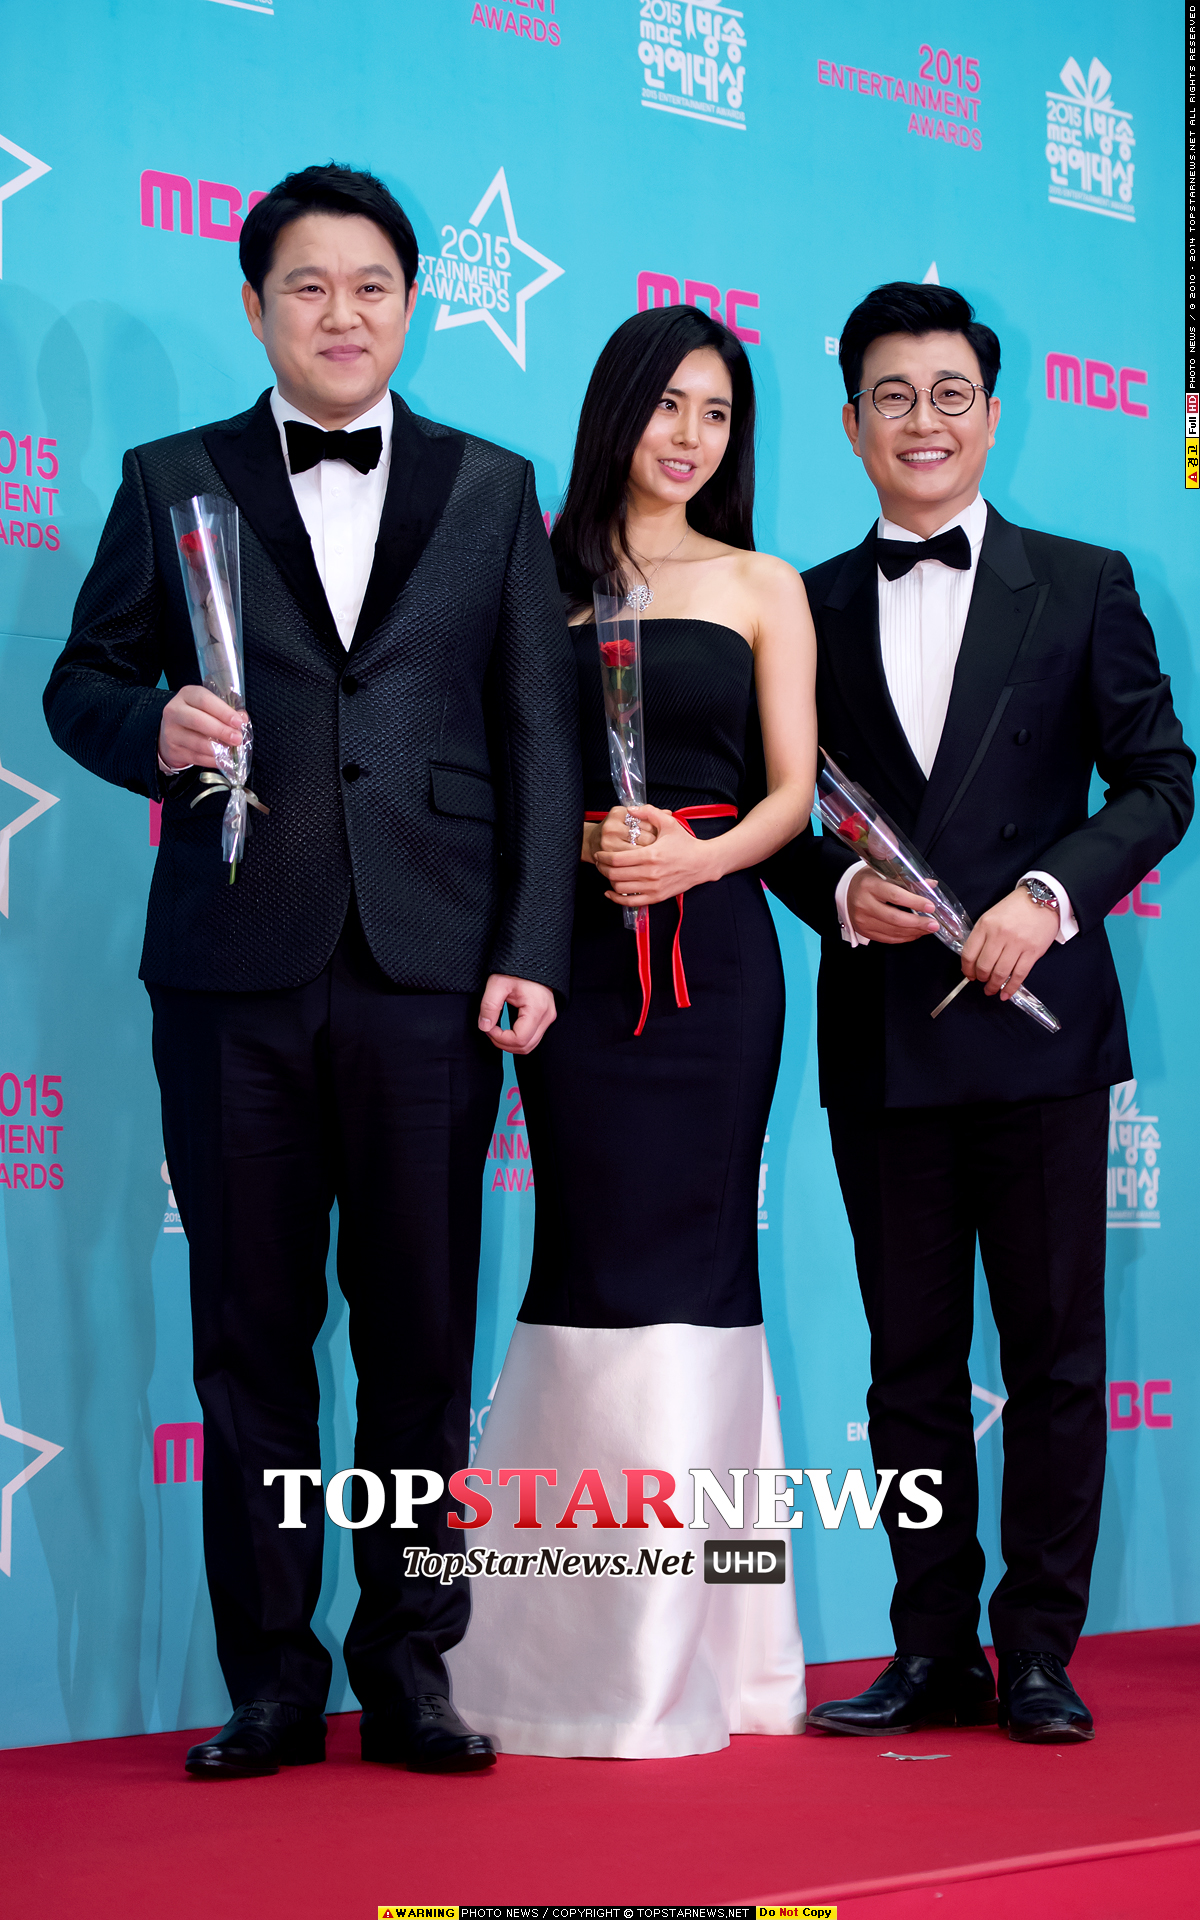 於昨晚舉行的《MBC演藝大賞》頒獎典禮由金九拉、韓彩雅及金成柱一同主持,現場集結了來自綜藝、戲劇及歌謠界的演藝人員們,可以說是眾星雲集